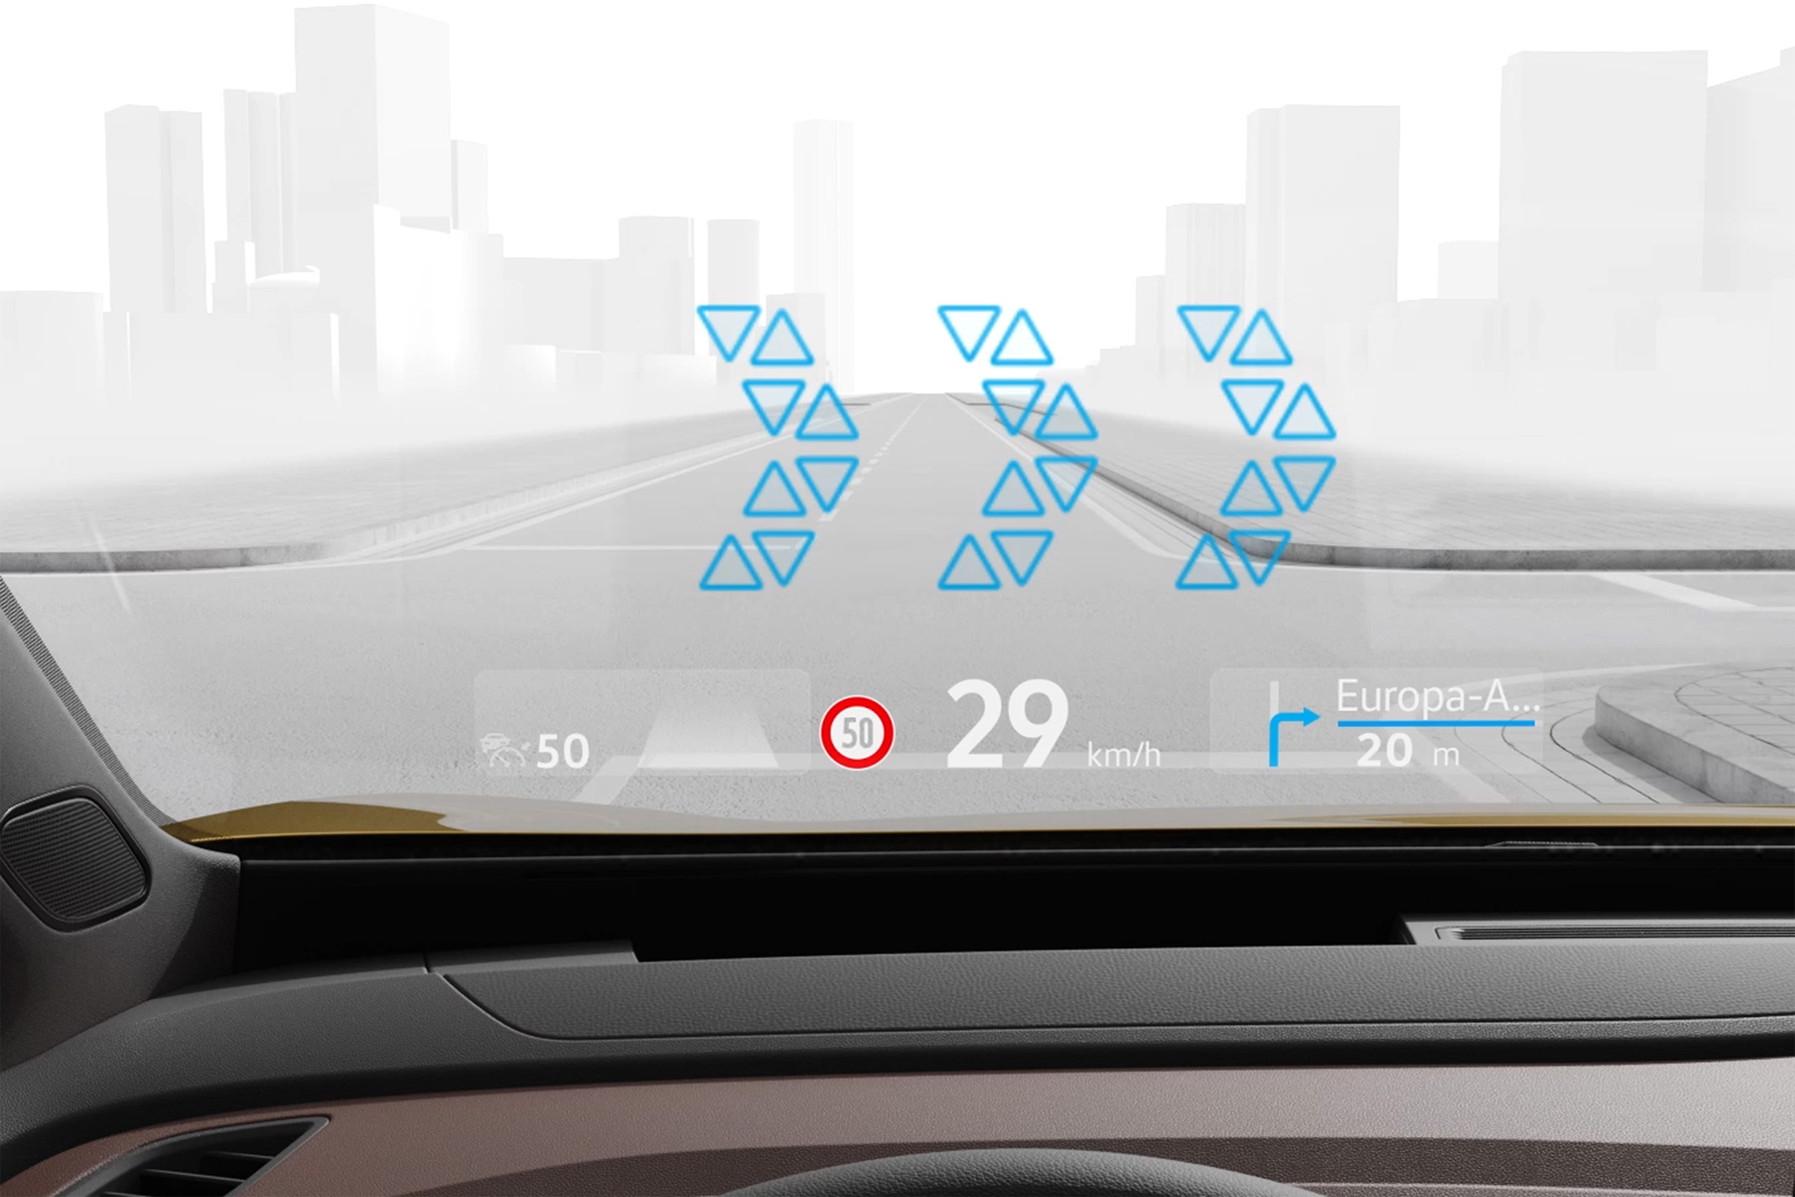 Volkswagen analiza la realidad aumentada en el head-up display